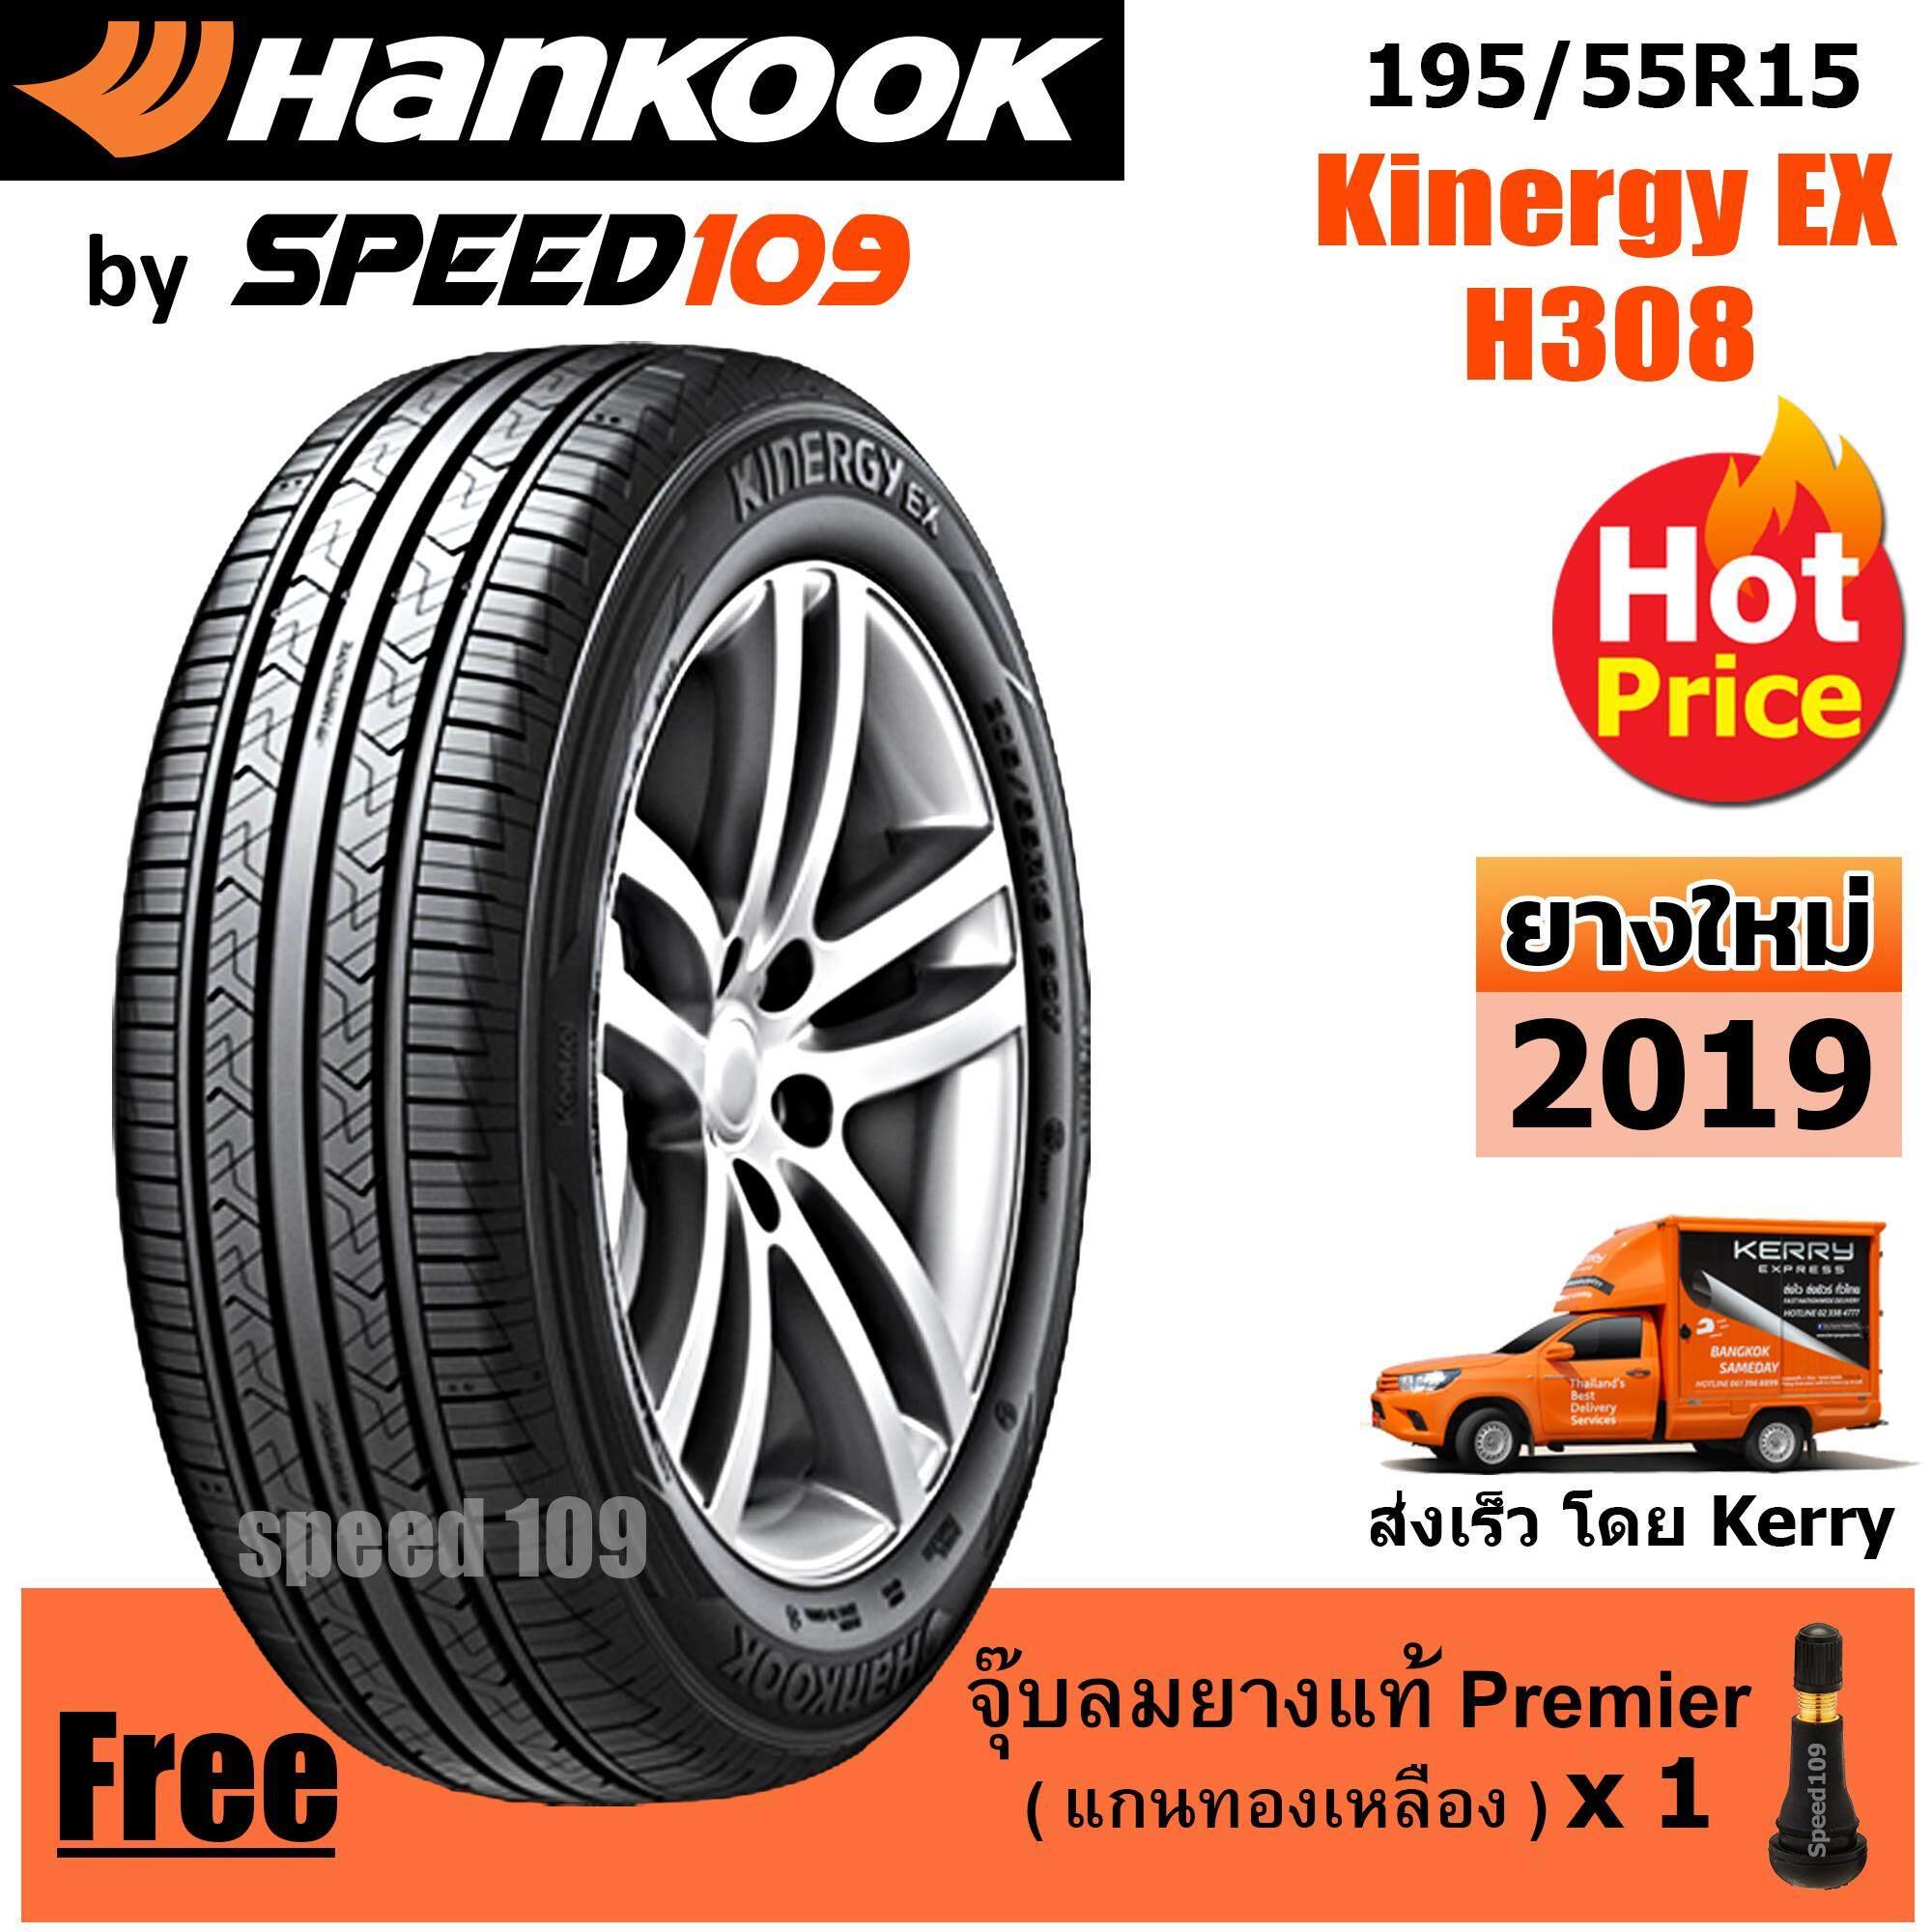 ลดสุดๆ HANKOOK ยางรถยนต์ ขอบ 15 ขนาด 195/55R15 รุ่น Kinergy EX H308 - 1 เส้น (ปี 2019)